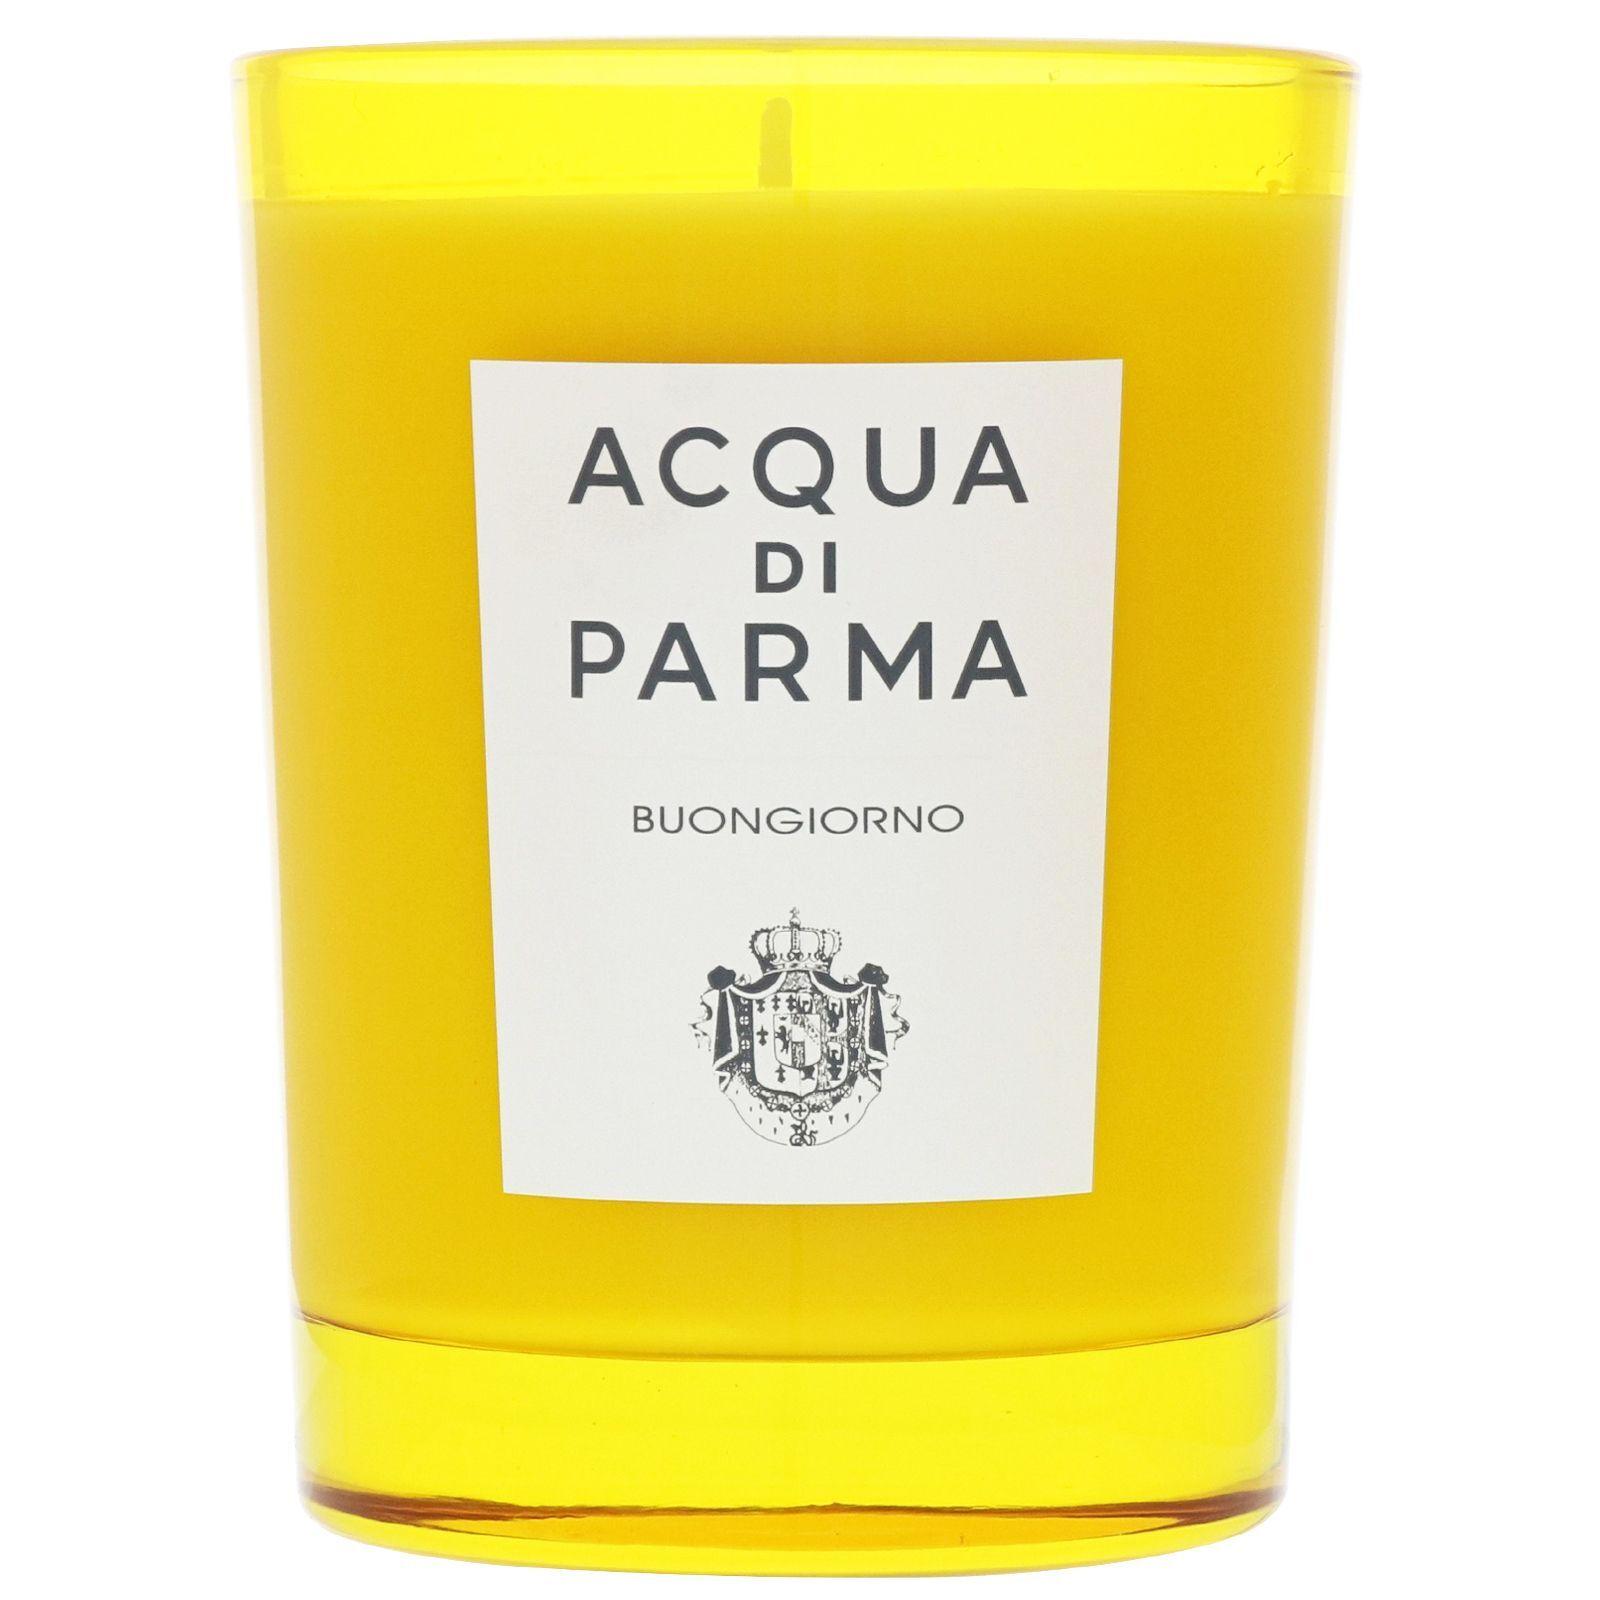 Acqua Di Parma - Home Fragrances Buongiorno Candle 200g for Men and Women